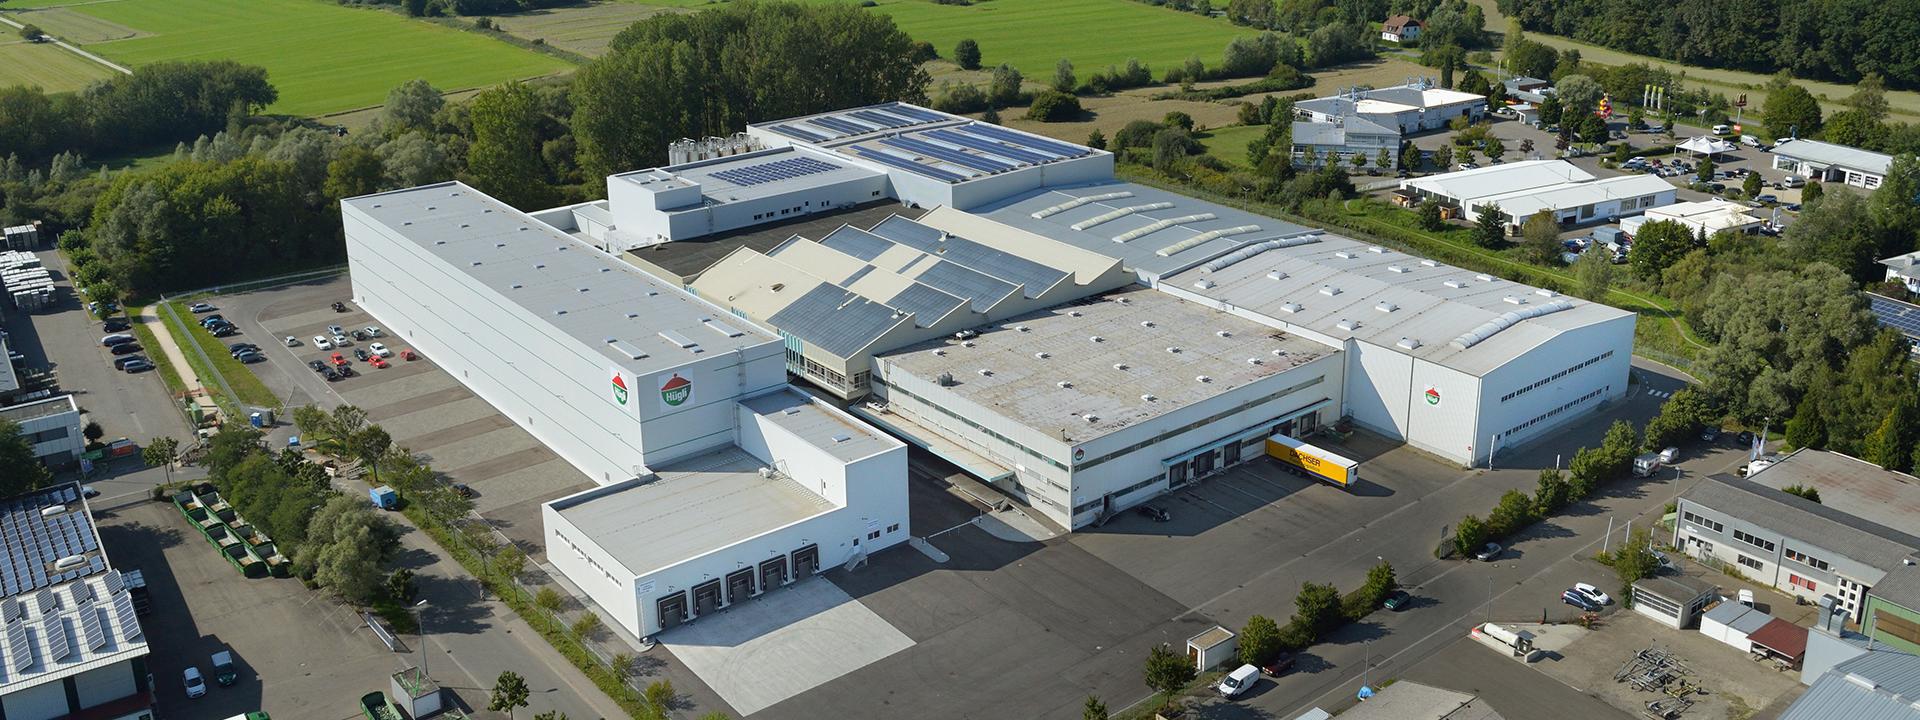 Fabrikansicht des Erweiterungsbaus zur Lebensmittelproduktion für Hügli